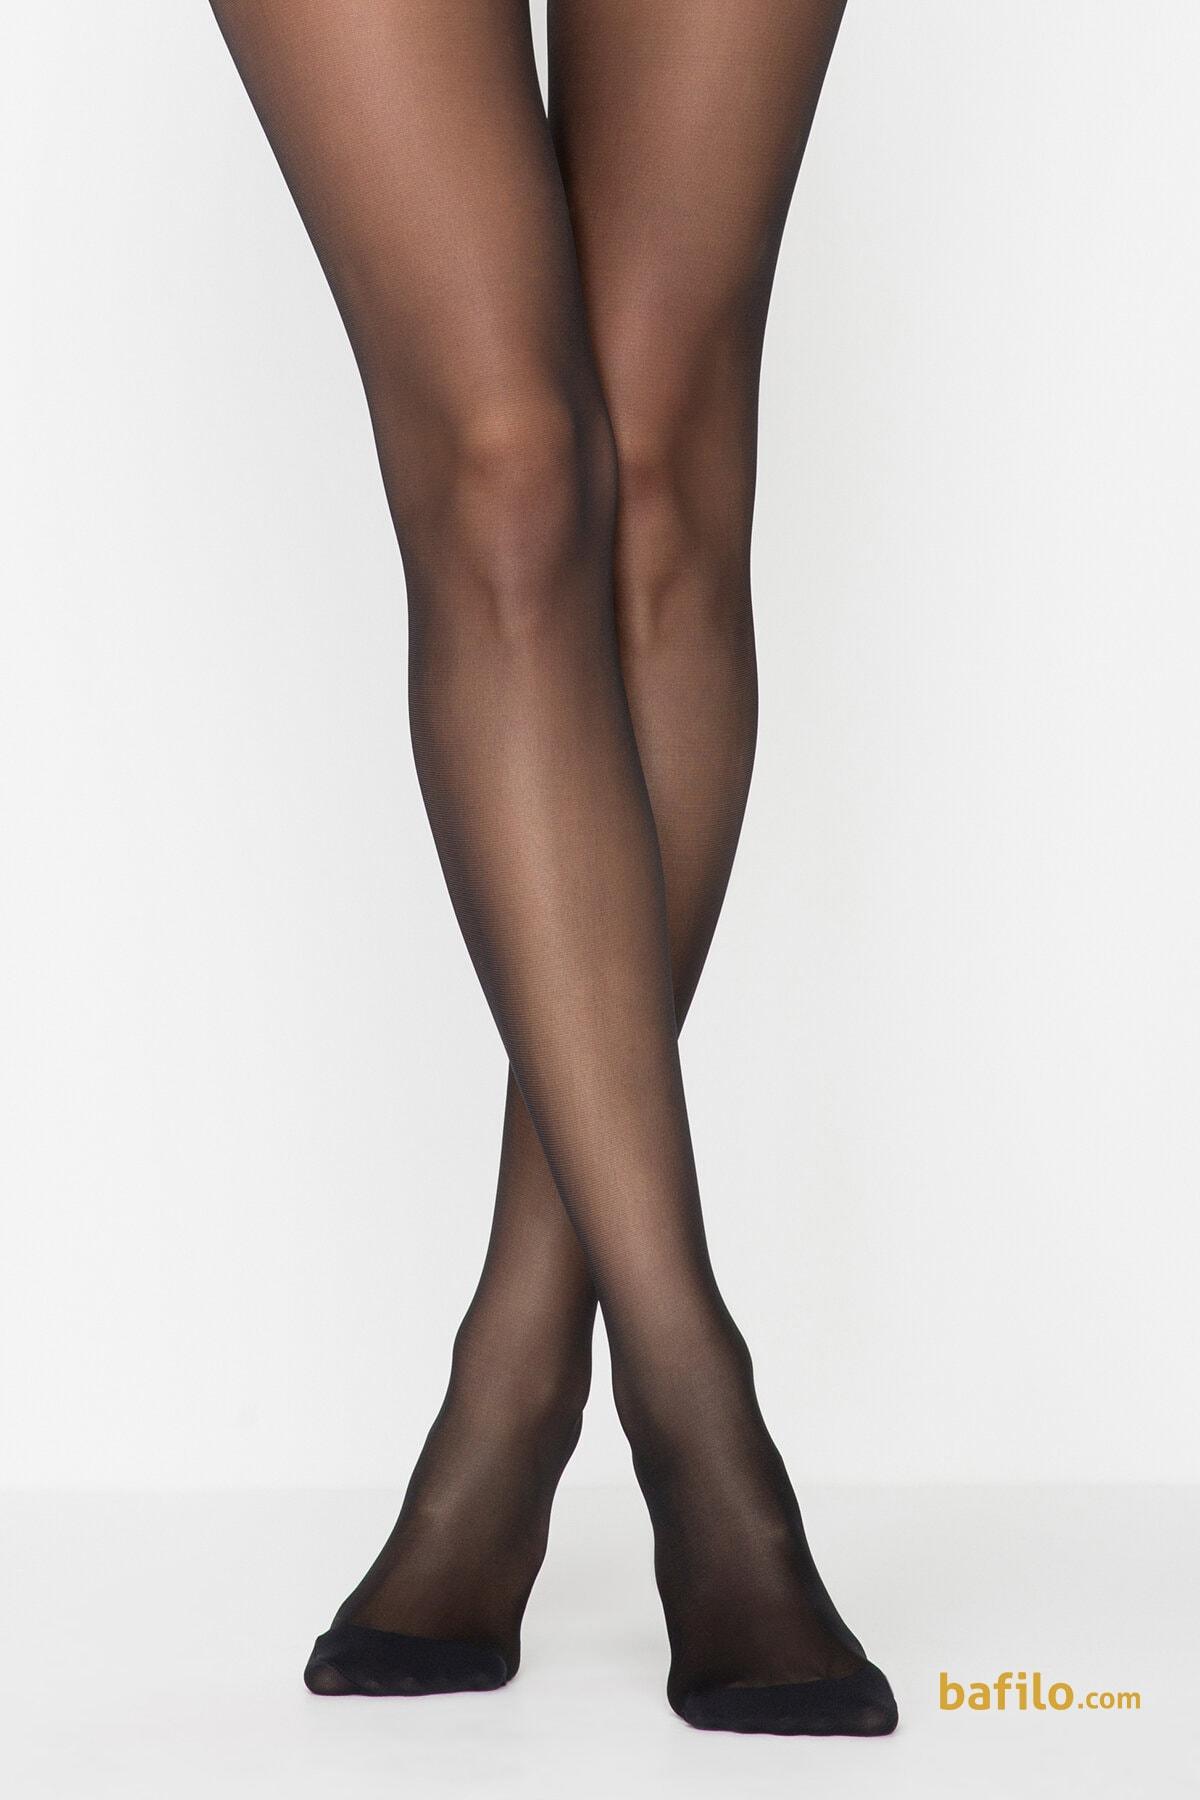 پنتی | Penti - جوراب شلواری گن دار زنانه پنتی Body Form - مشکی